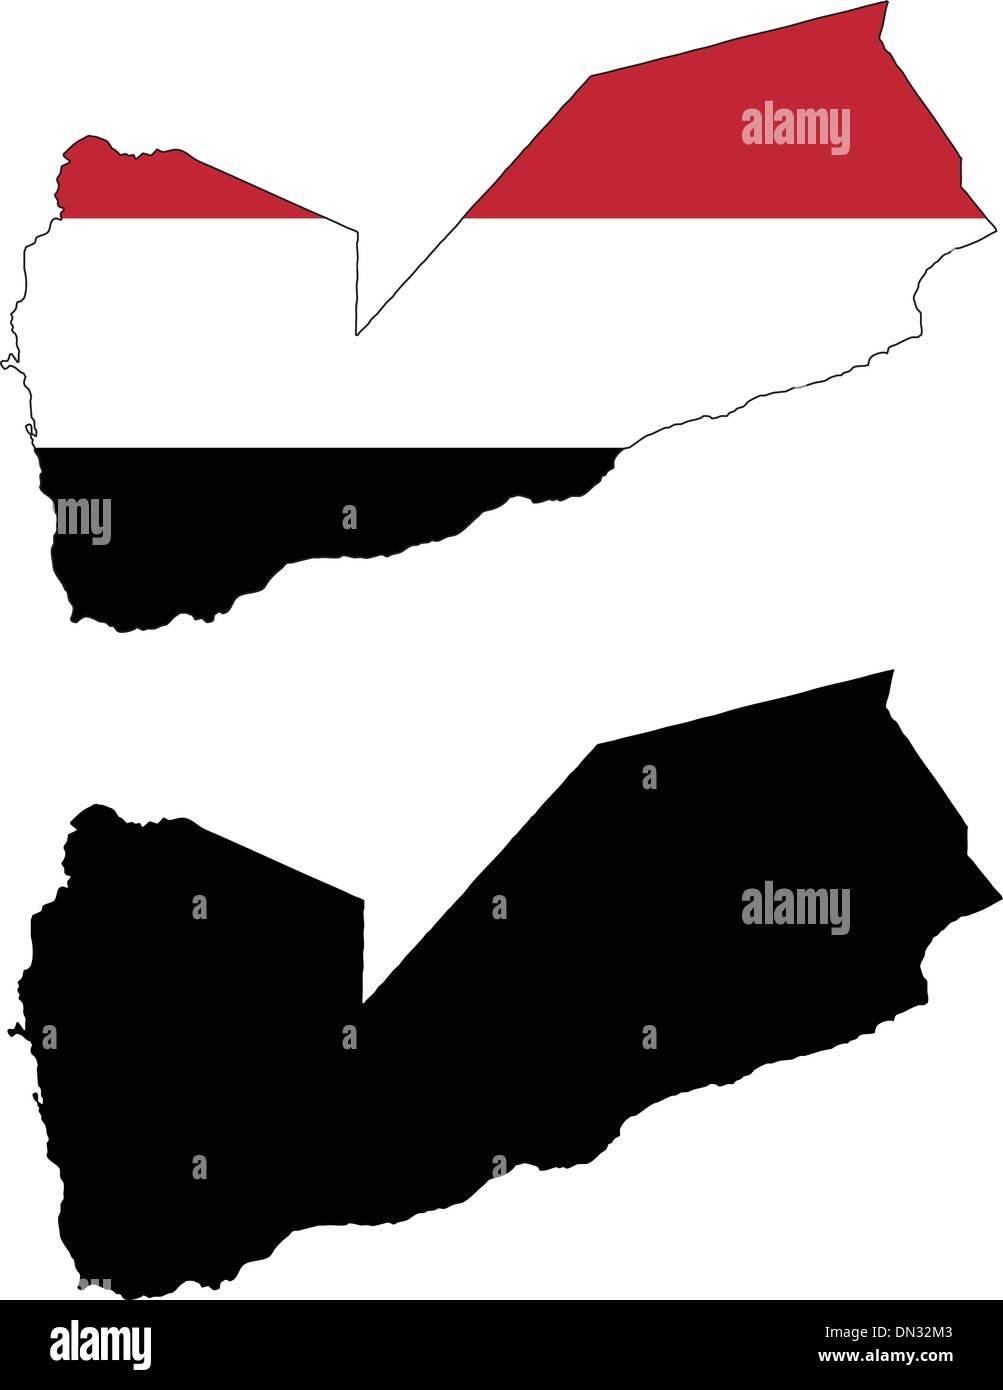 Yemen - Stock Image